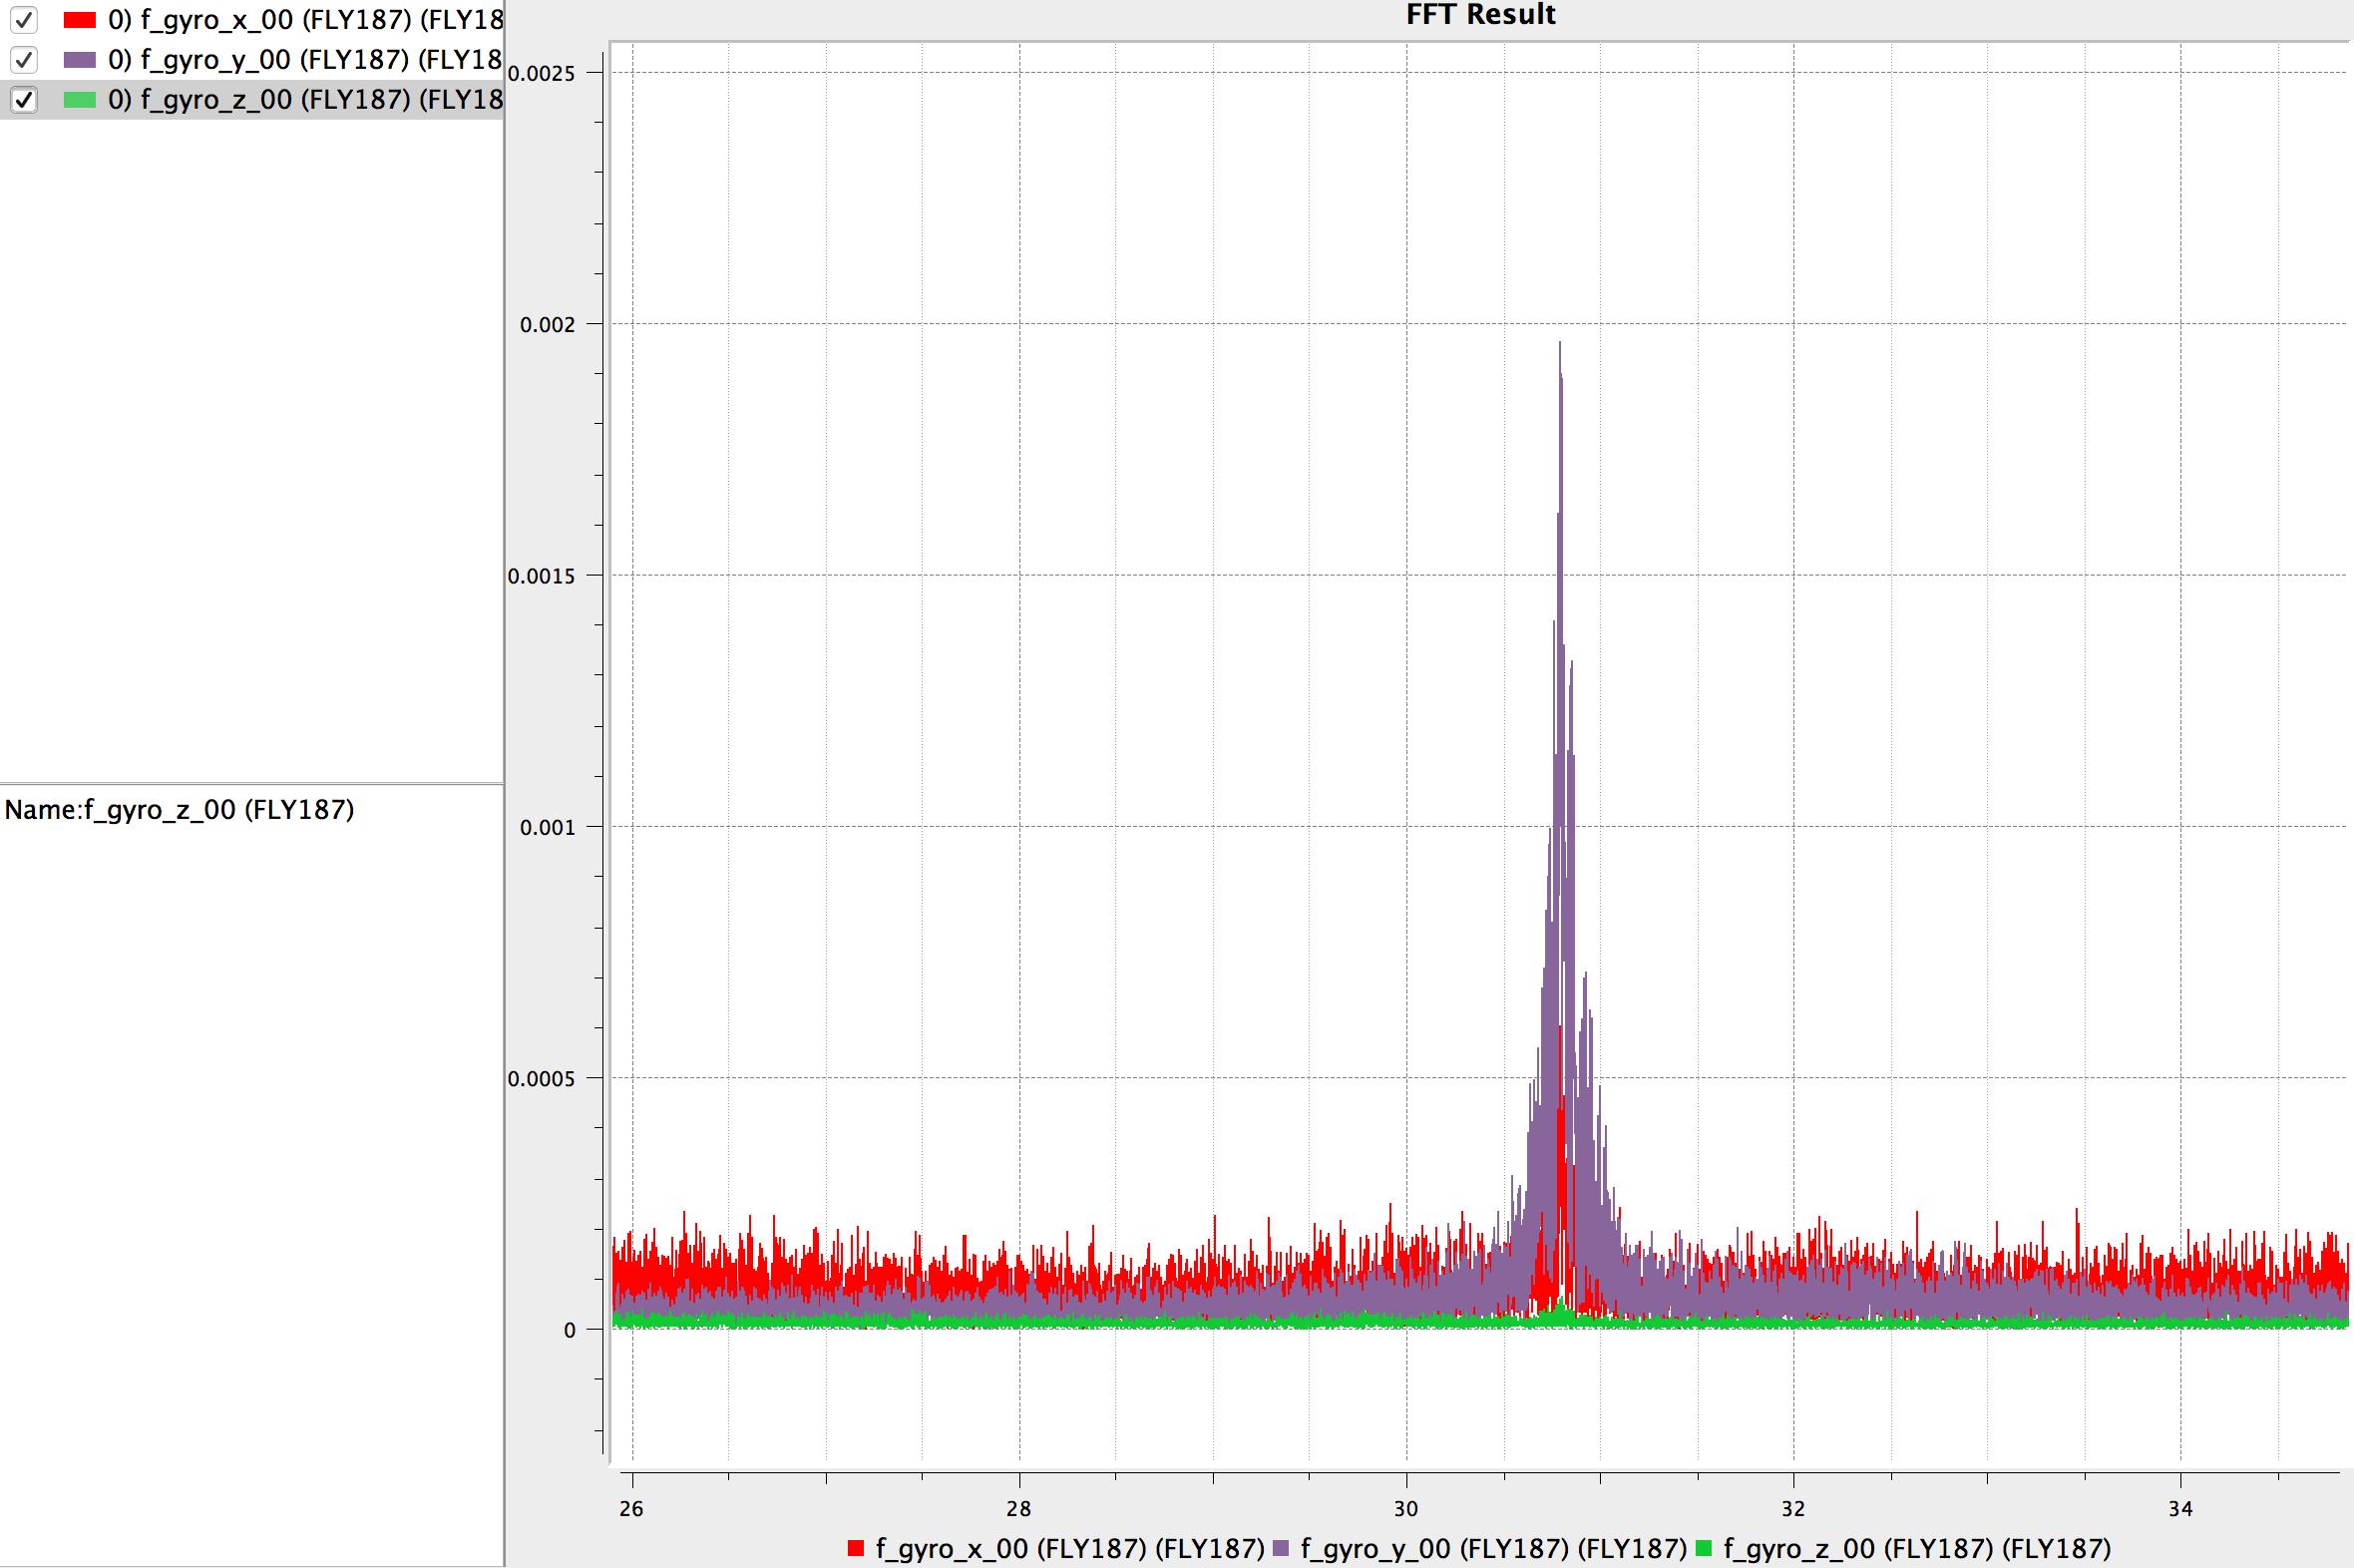 FFT Gyro Data (X,Y,Z)